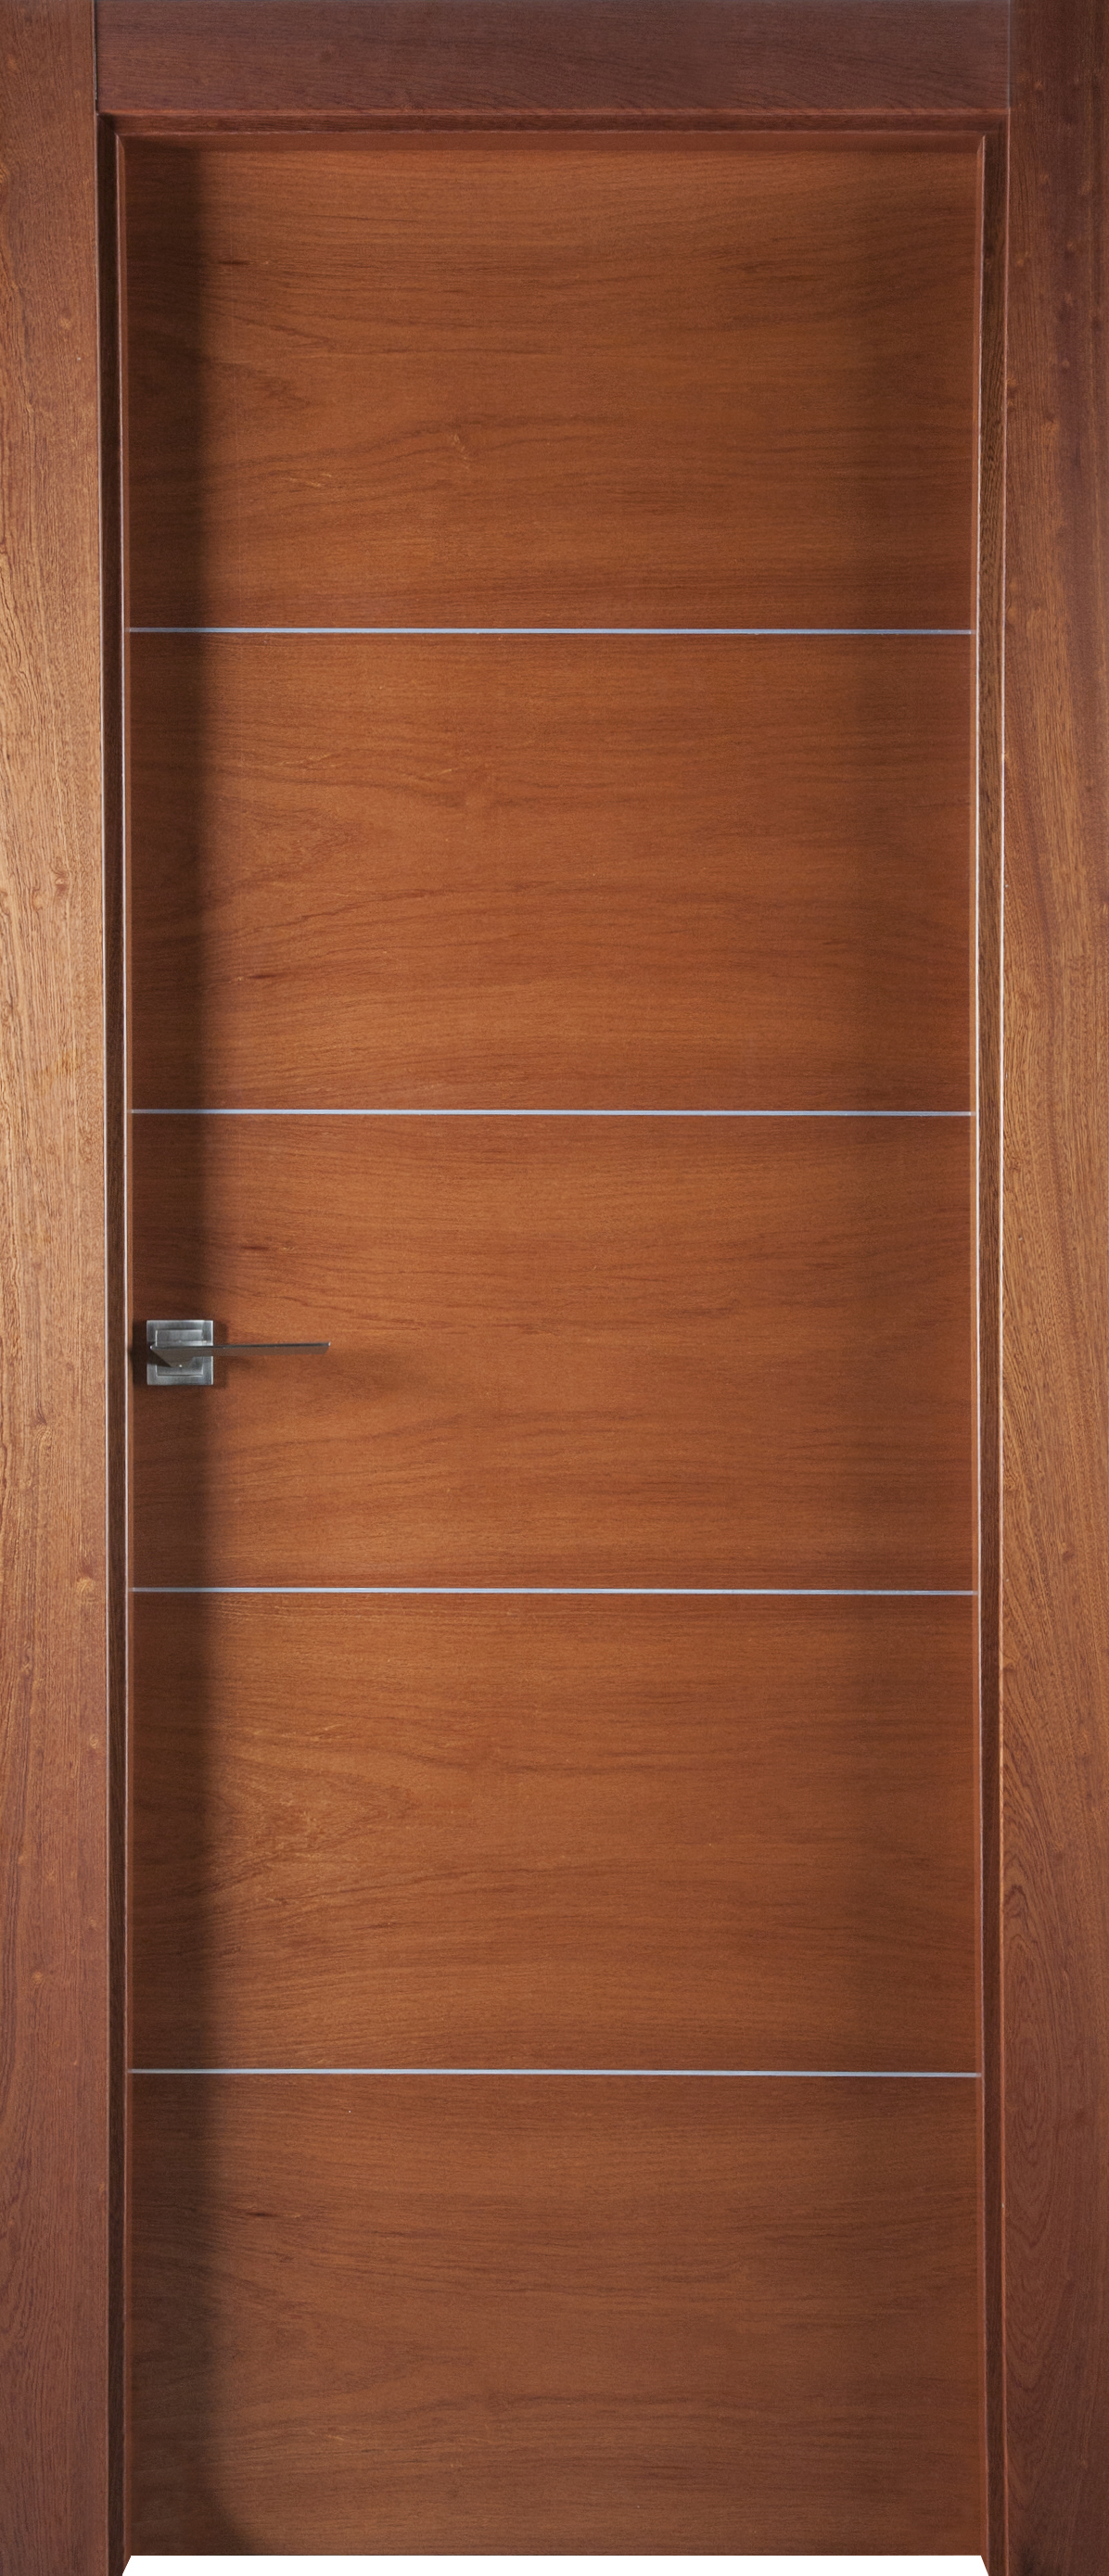 Como se barniza una puerta top affordable puerta de - Como barnizar una puerta de madera ...